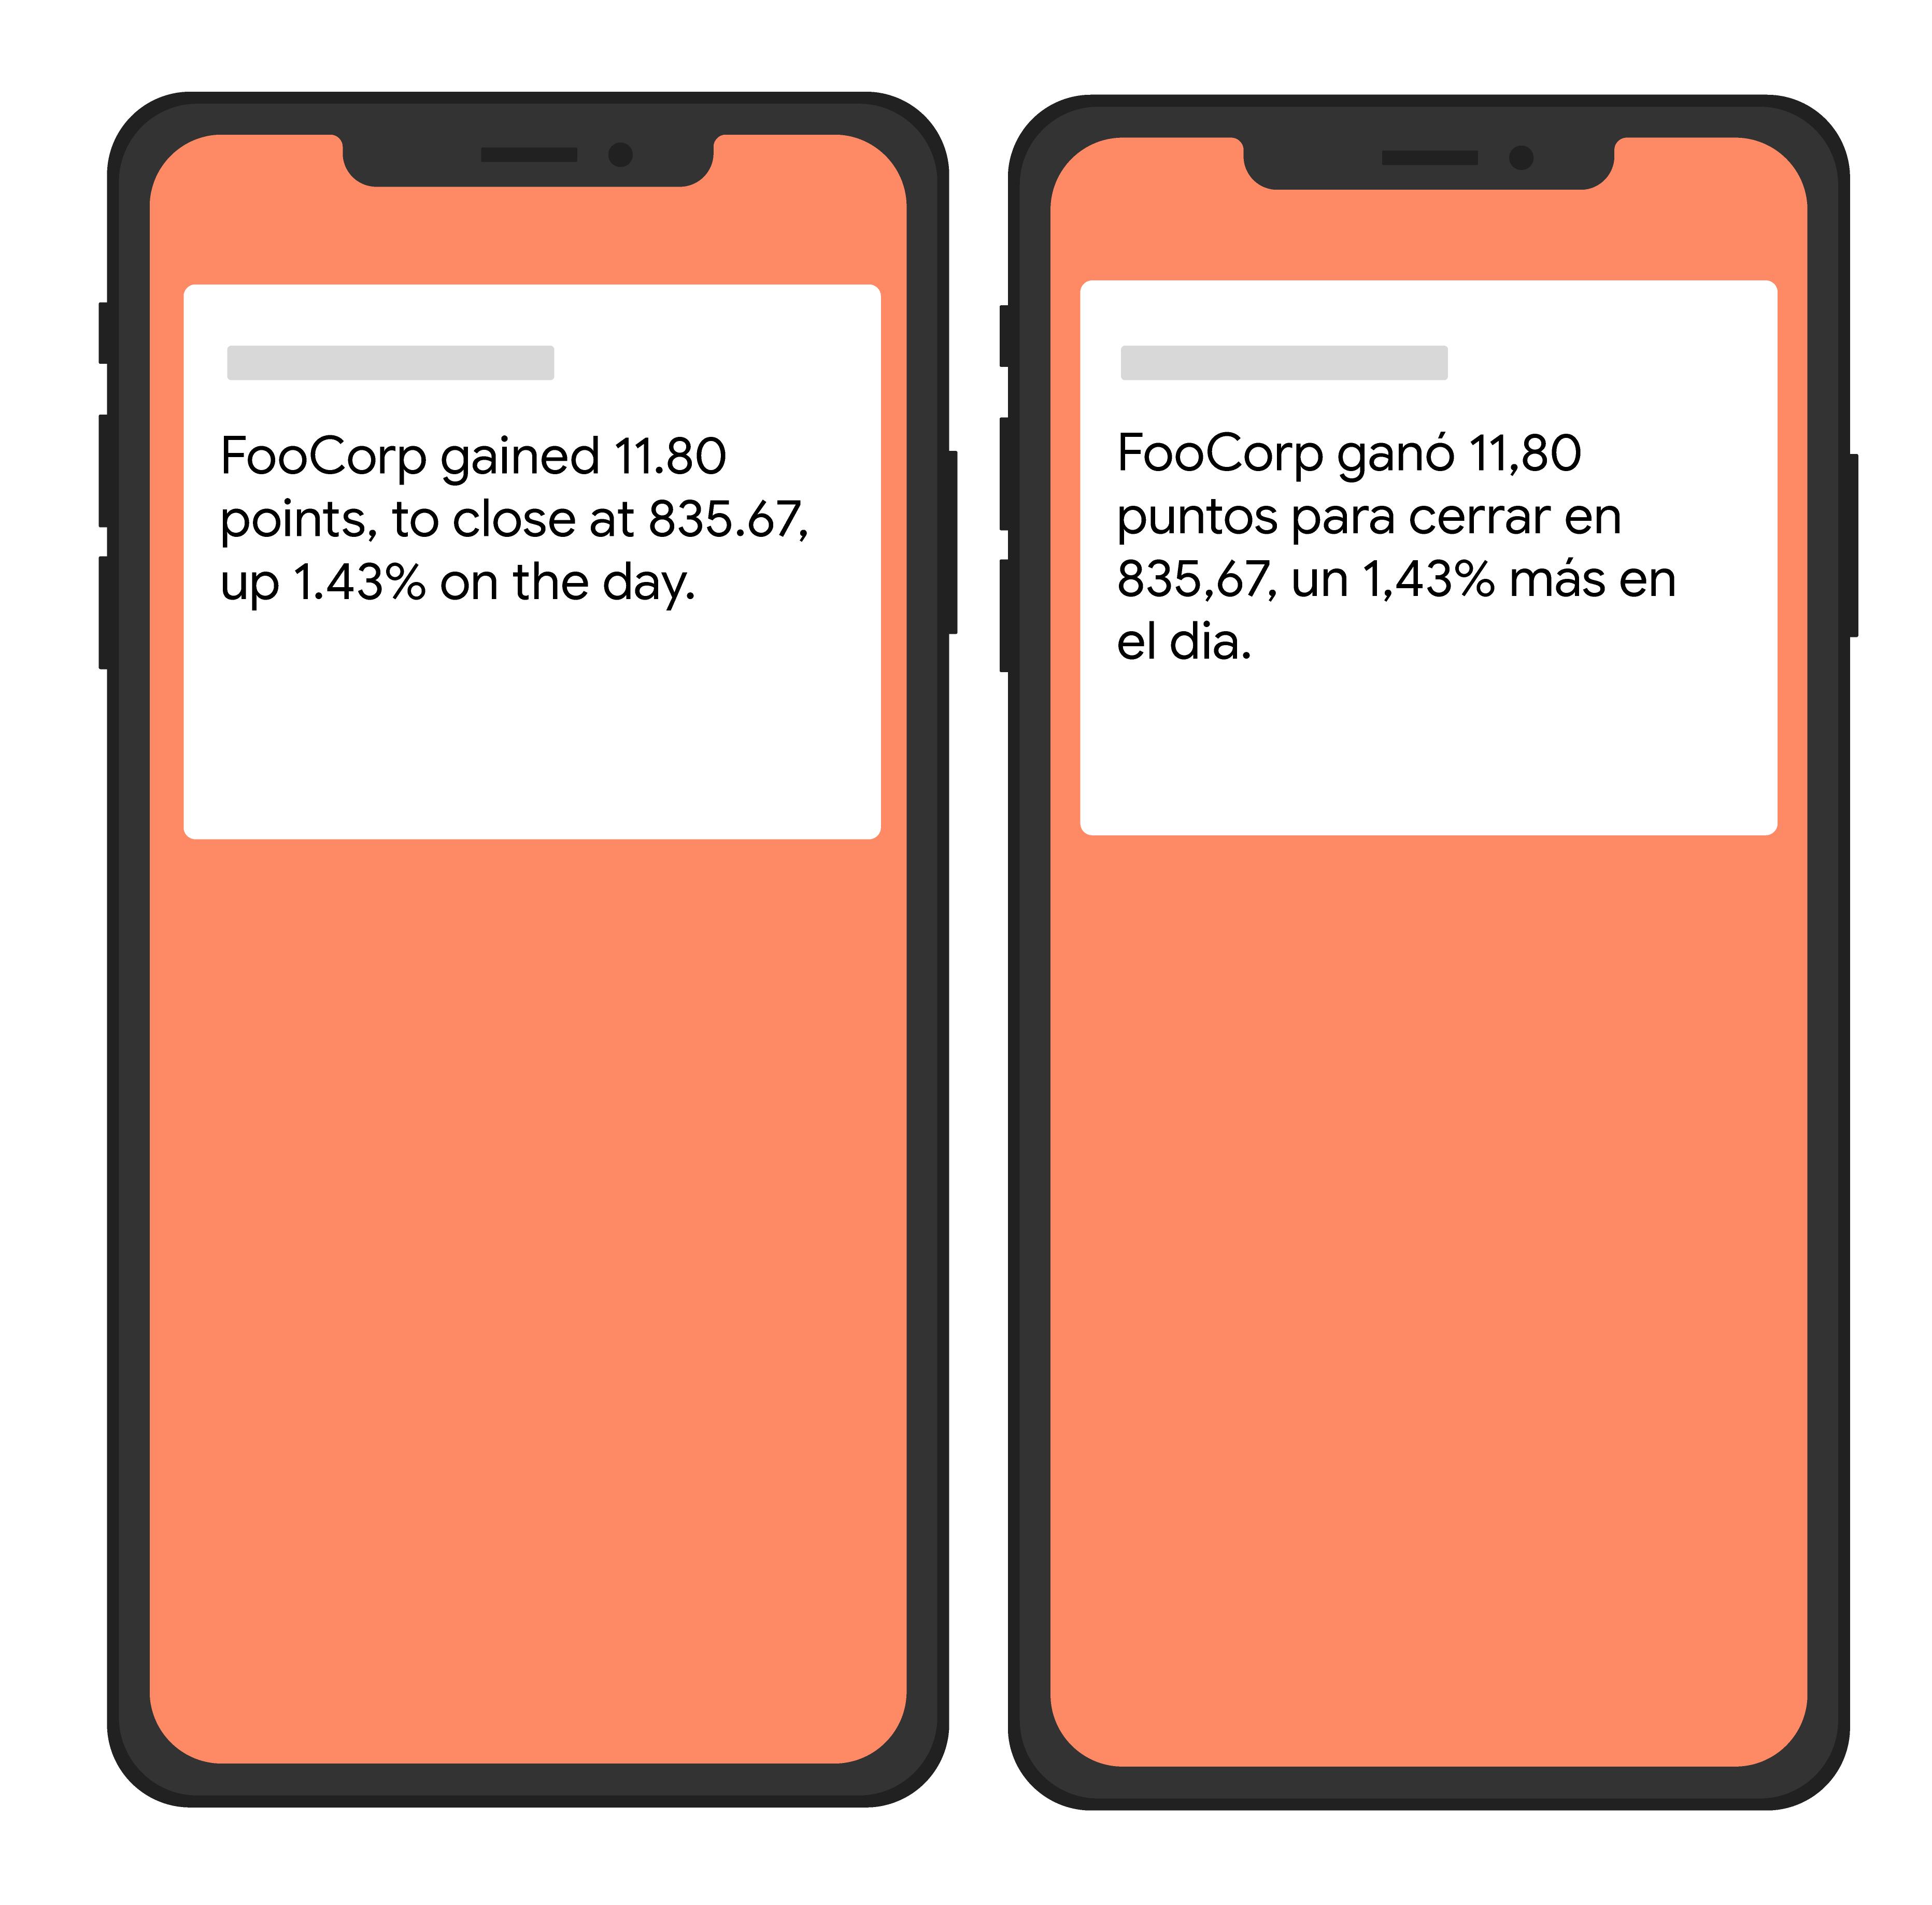 Простой рисунок двух устройств, отображающих текст на английском и испанском языках.